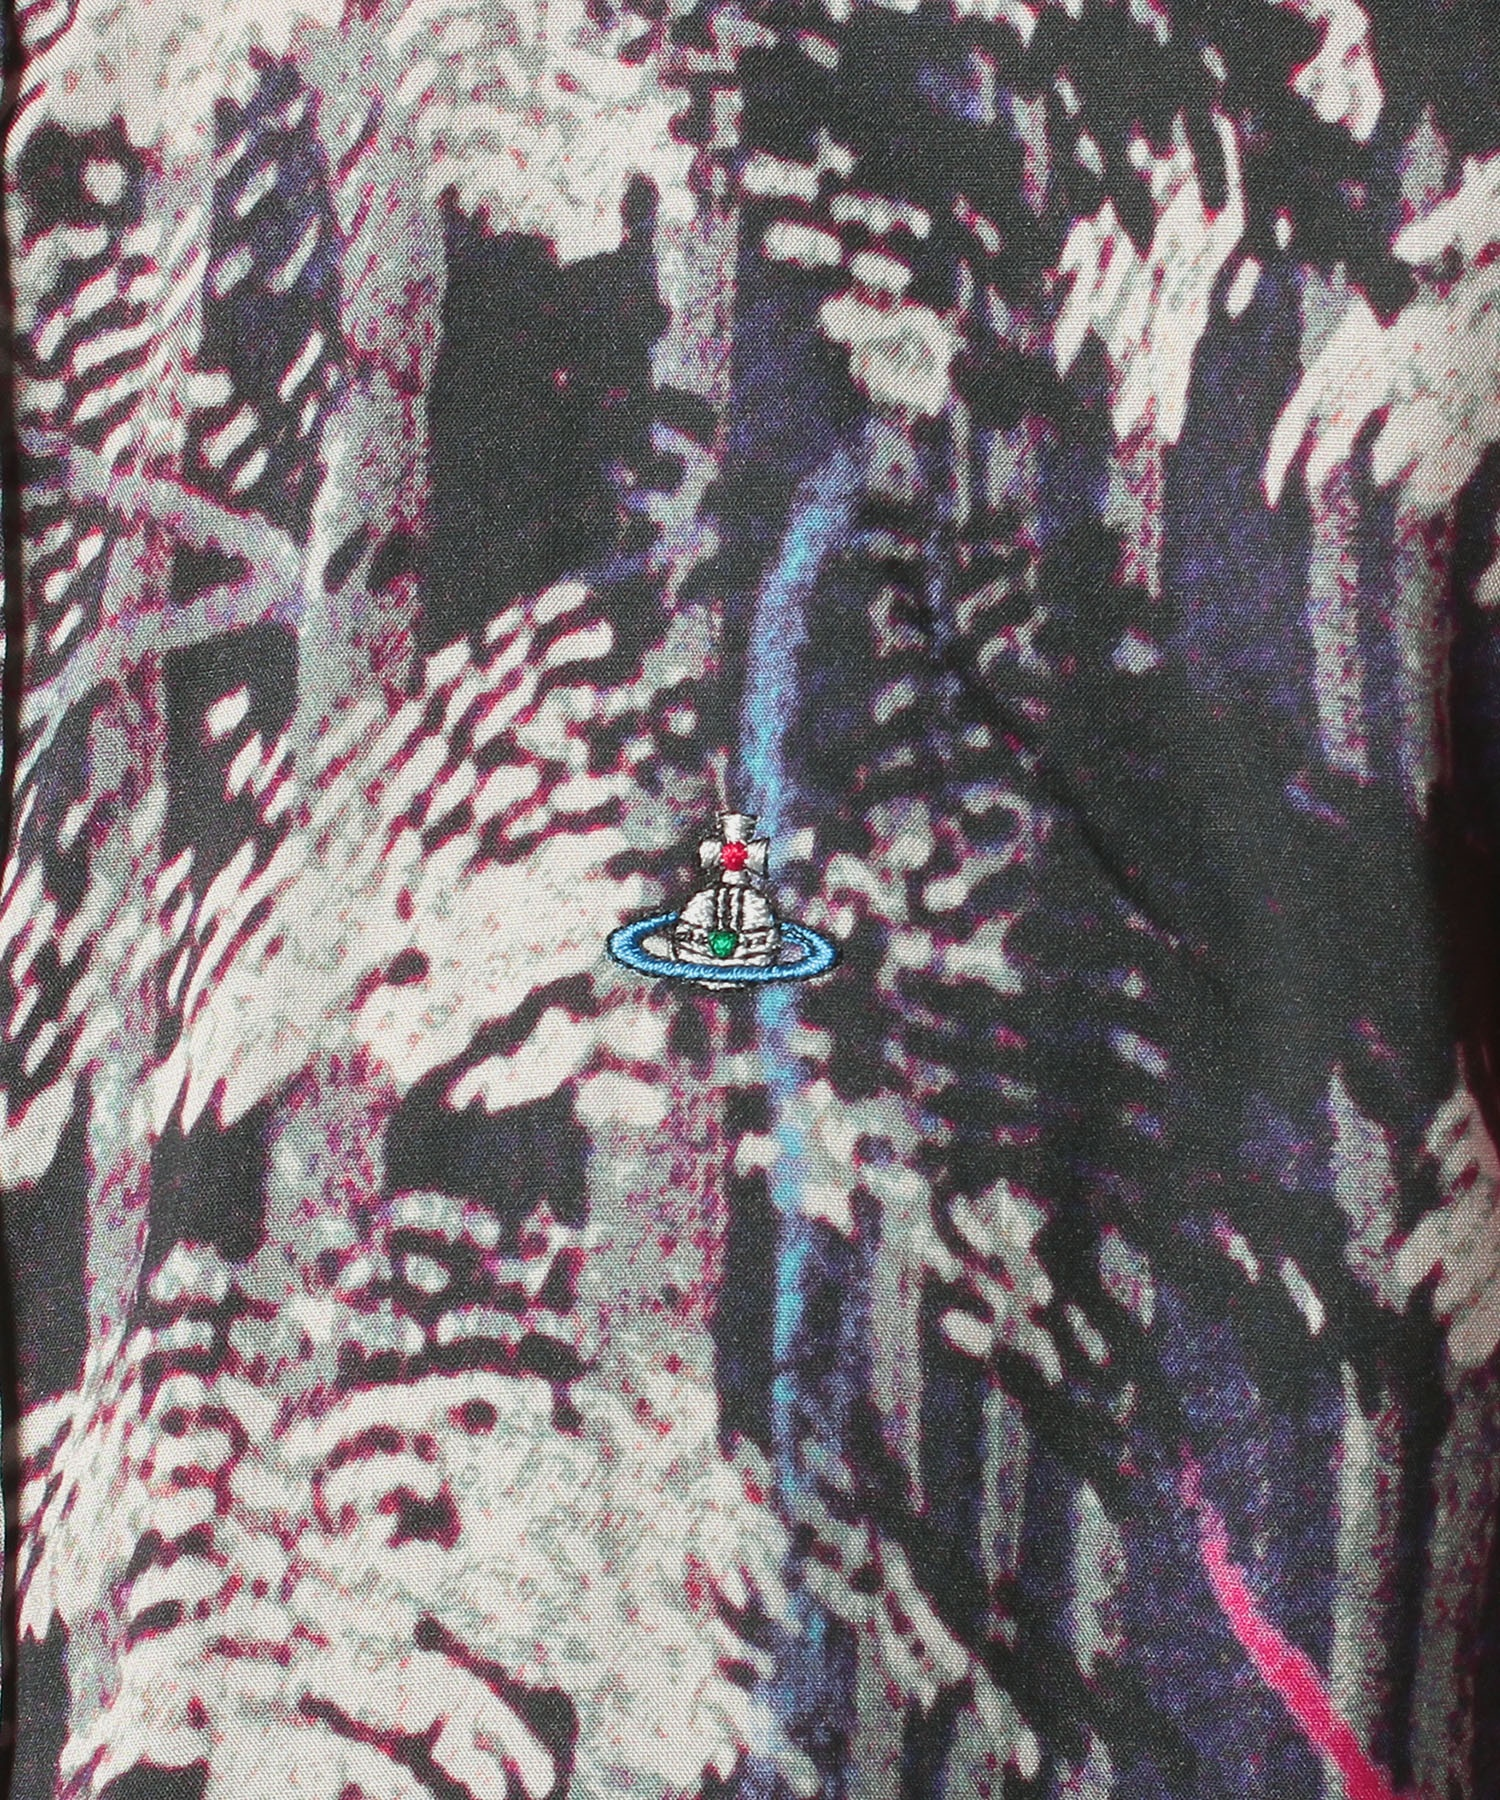 TAPESTRY HUNT FIRE 2ボタン クラールシャツ